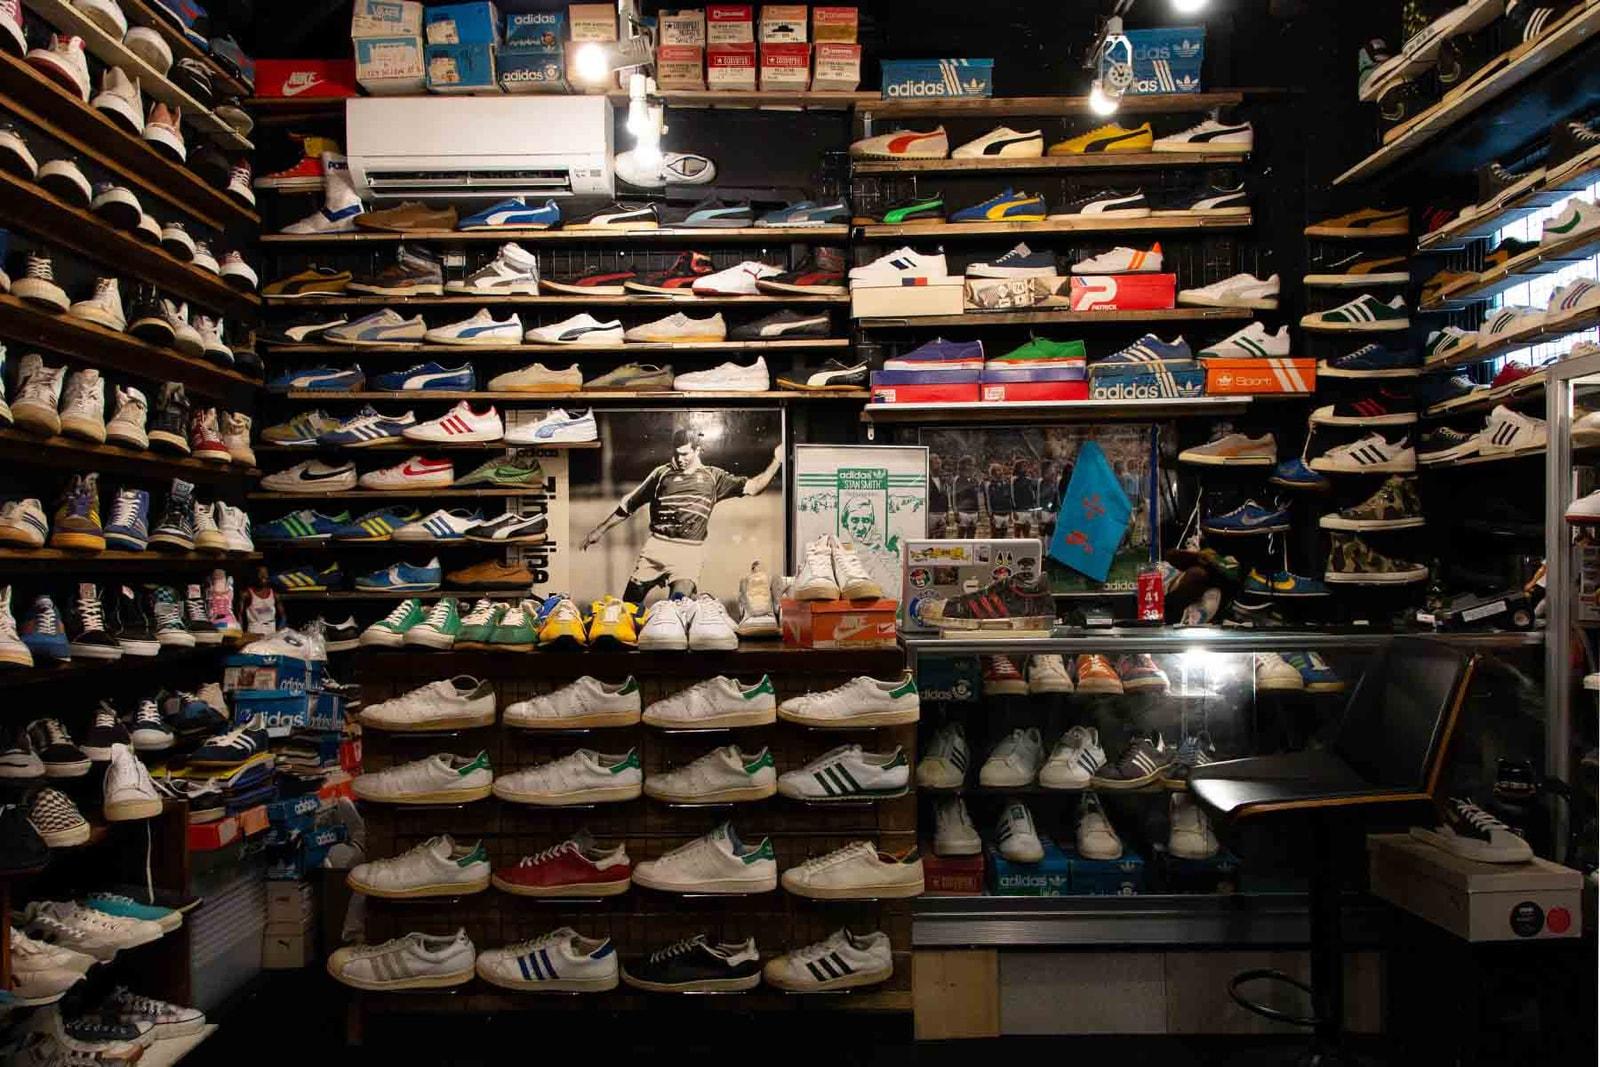 東京 スニーカー ショップ ストア ガイド 靴屋 シューズ サンダル ミタスニーカーズ スキット ソーマ ワーム リクチュール mita sneakers SKIT SOMA WORM TOKYO RECOUTURE Styles